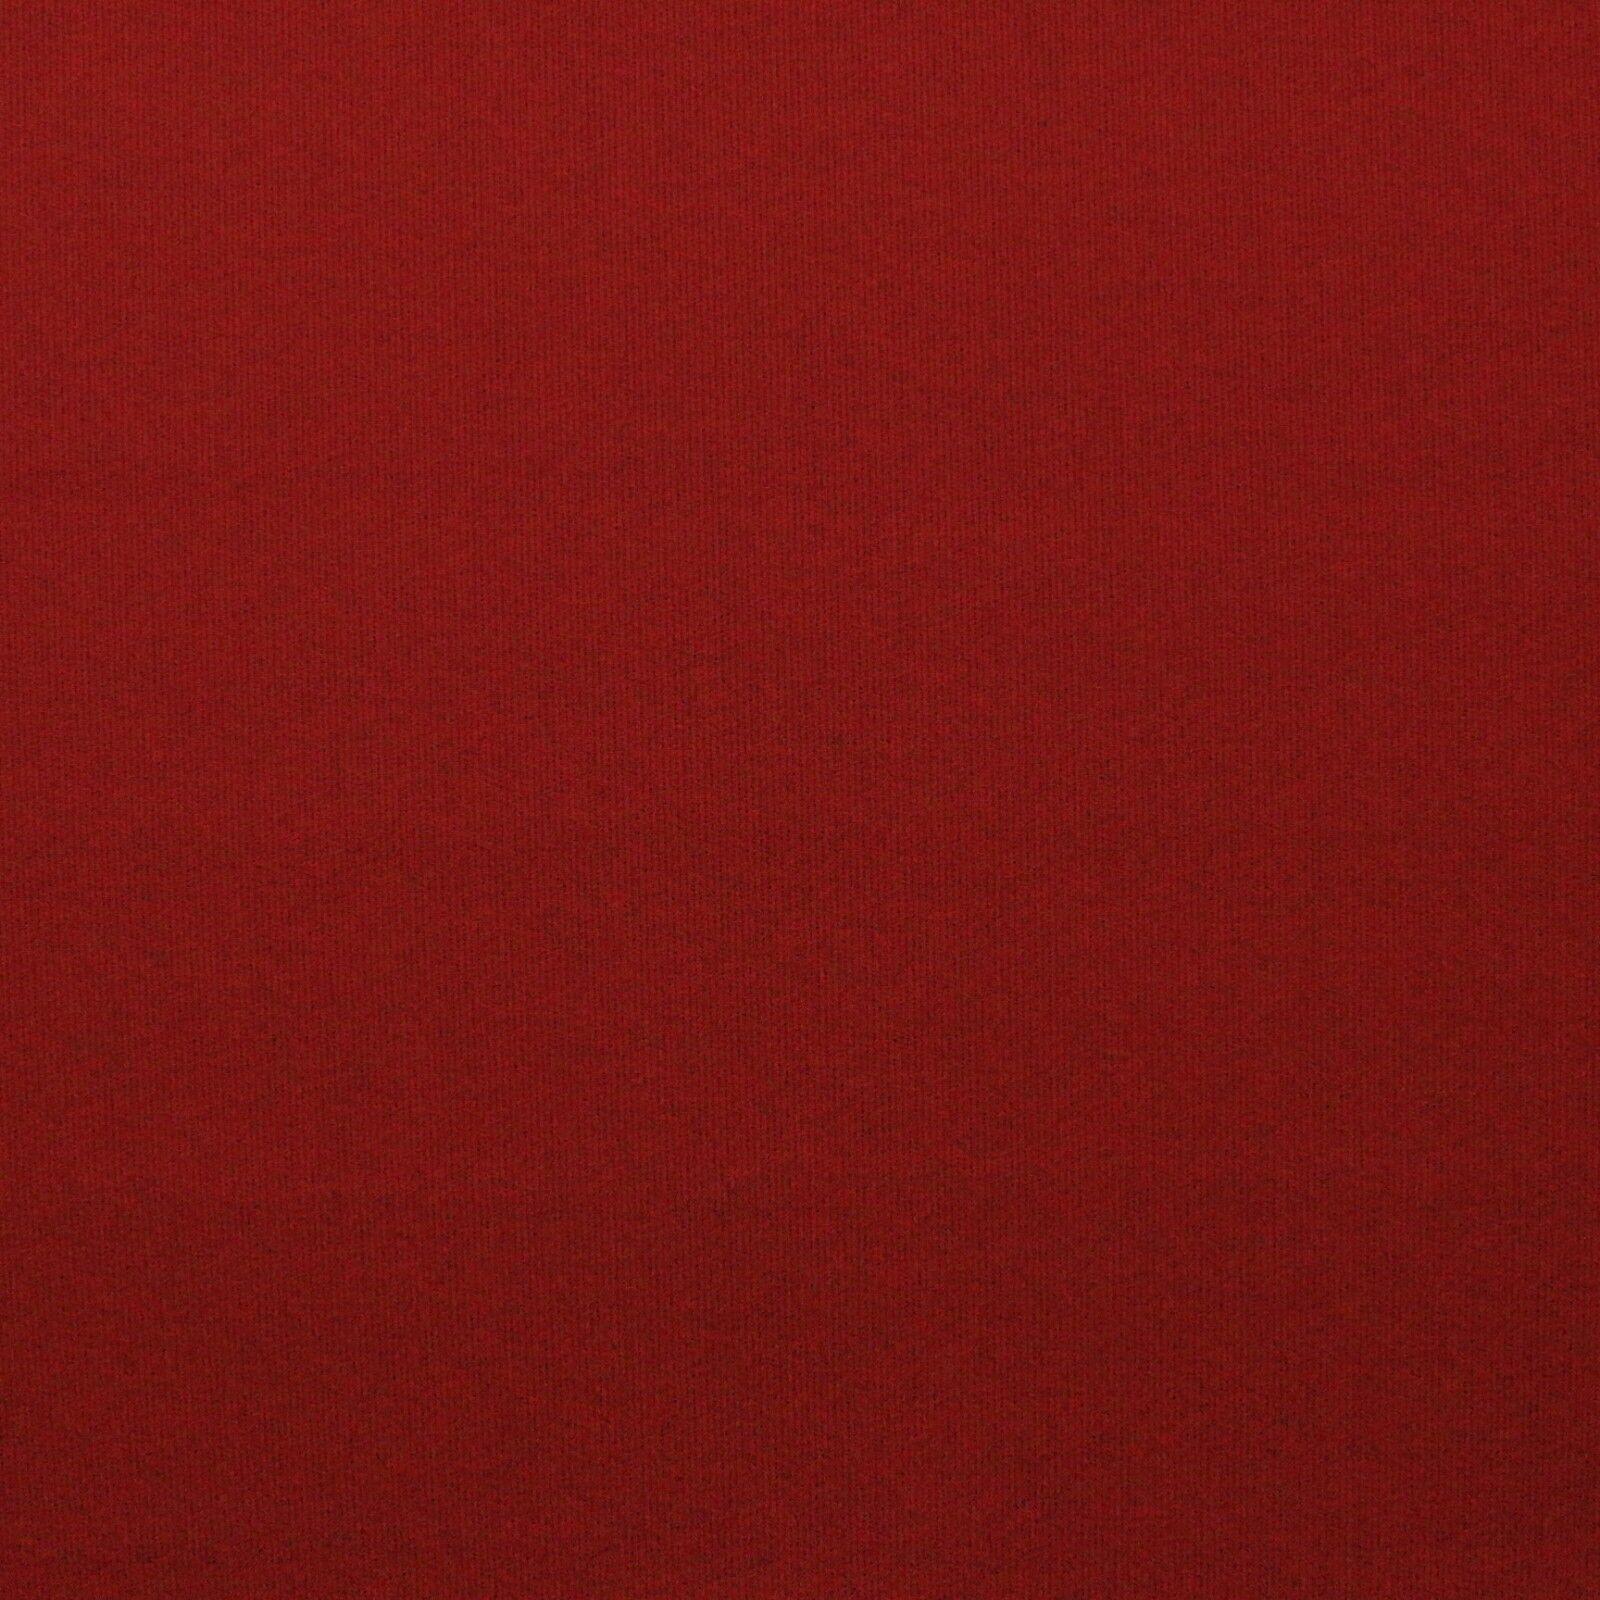 SUNBRELLA 48096 SPECTRUM CHERRY RED OUTDOOR INDOOR FURNITURE